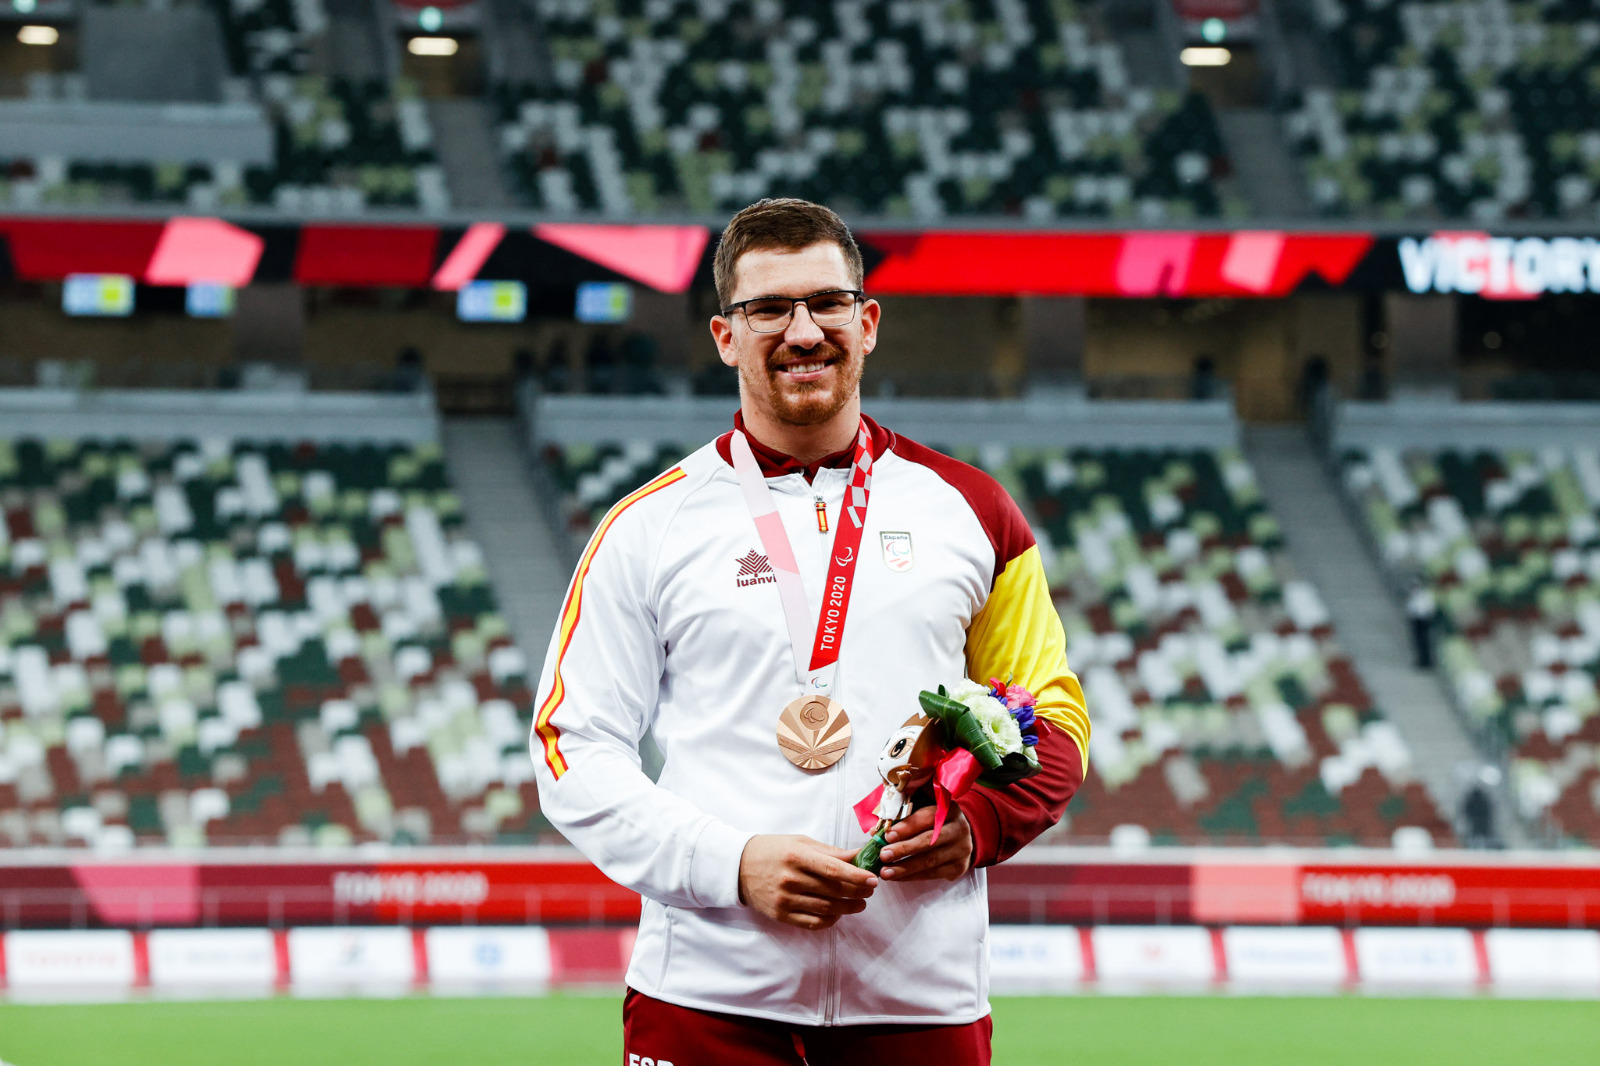 Entrega de la medalla de bronce a Héctor Cabrera